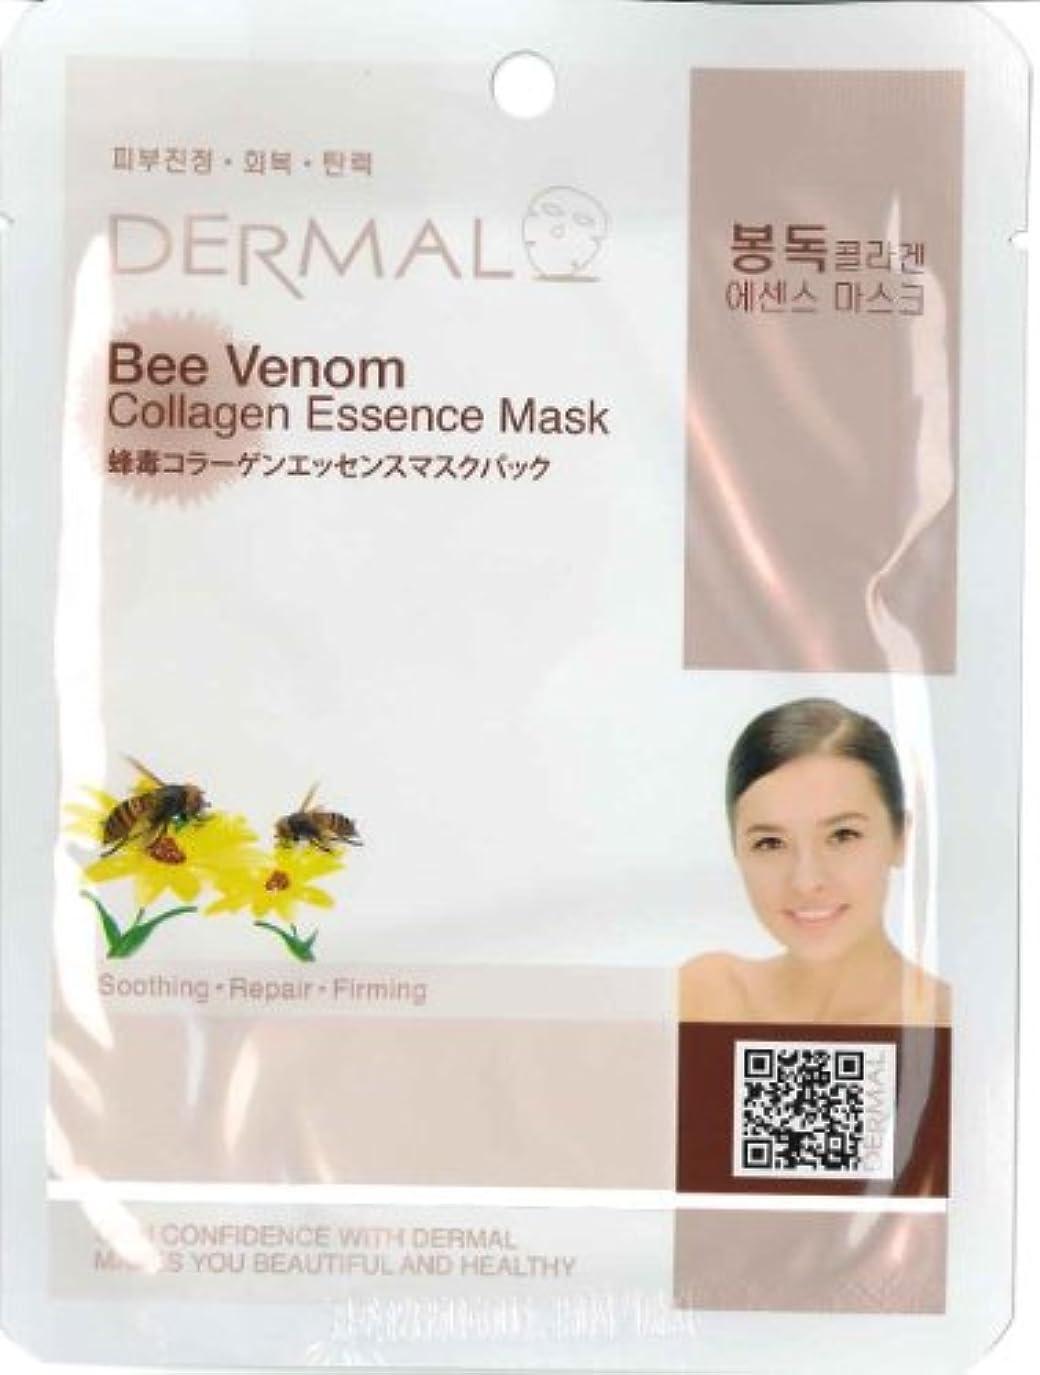 鎖みがきます防止蜂毒パック(フェイスパック)ミツバチ毒シートマスク 100枚セット ダーマル(Dermal)